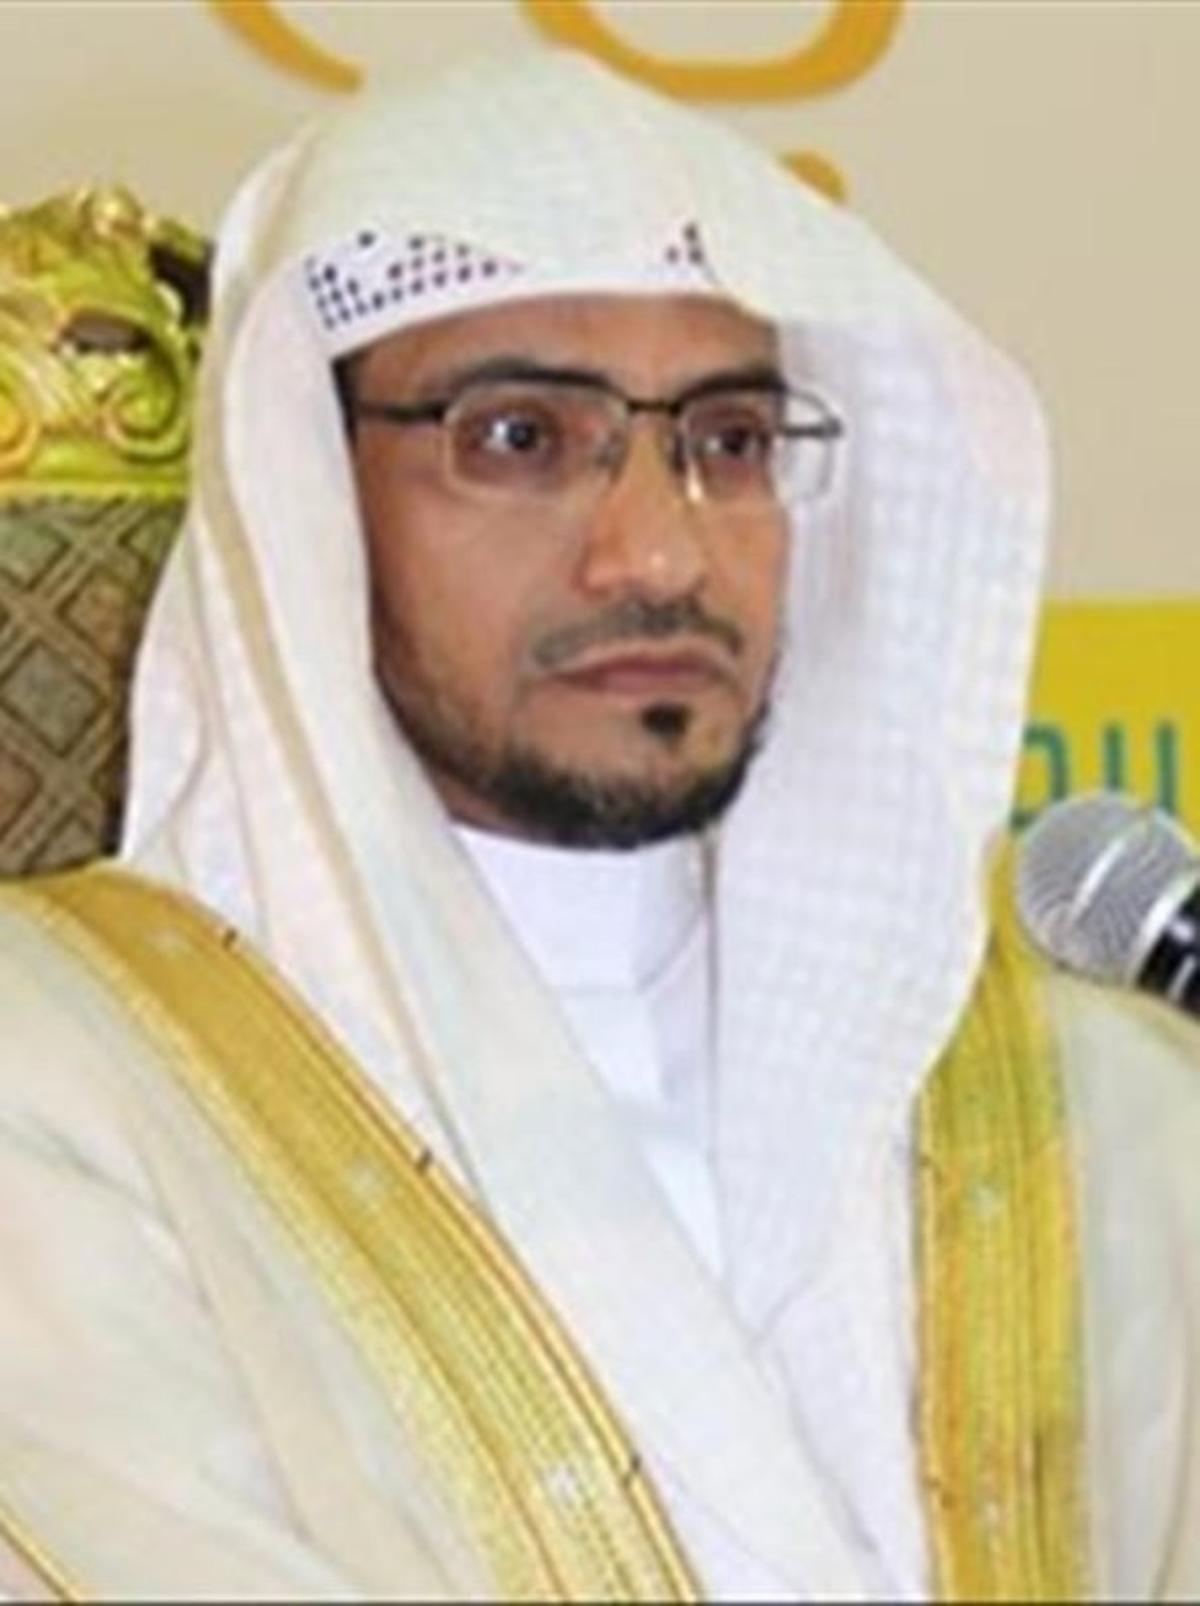 Un defensor de Bin Laden da un sermón en la mezquita de Cornellà